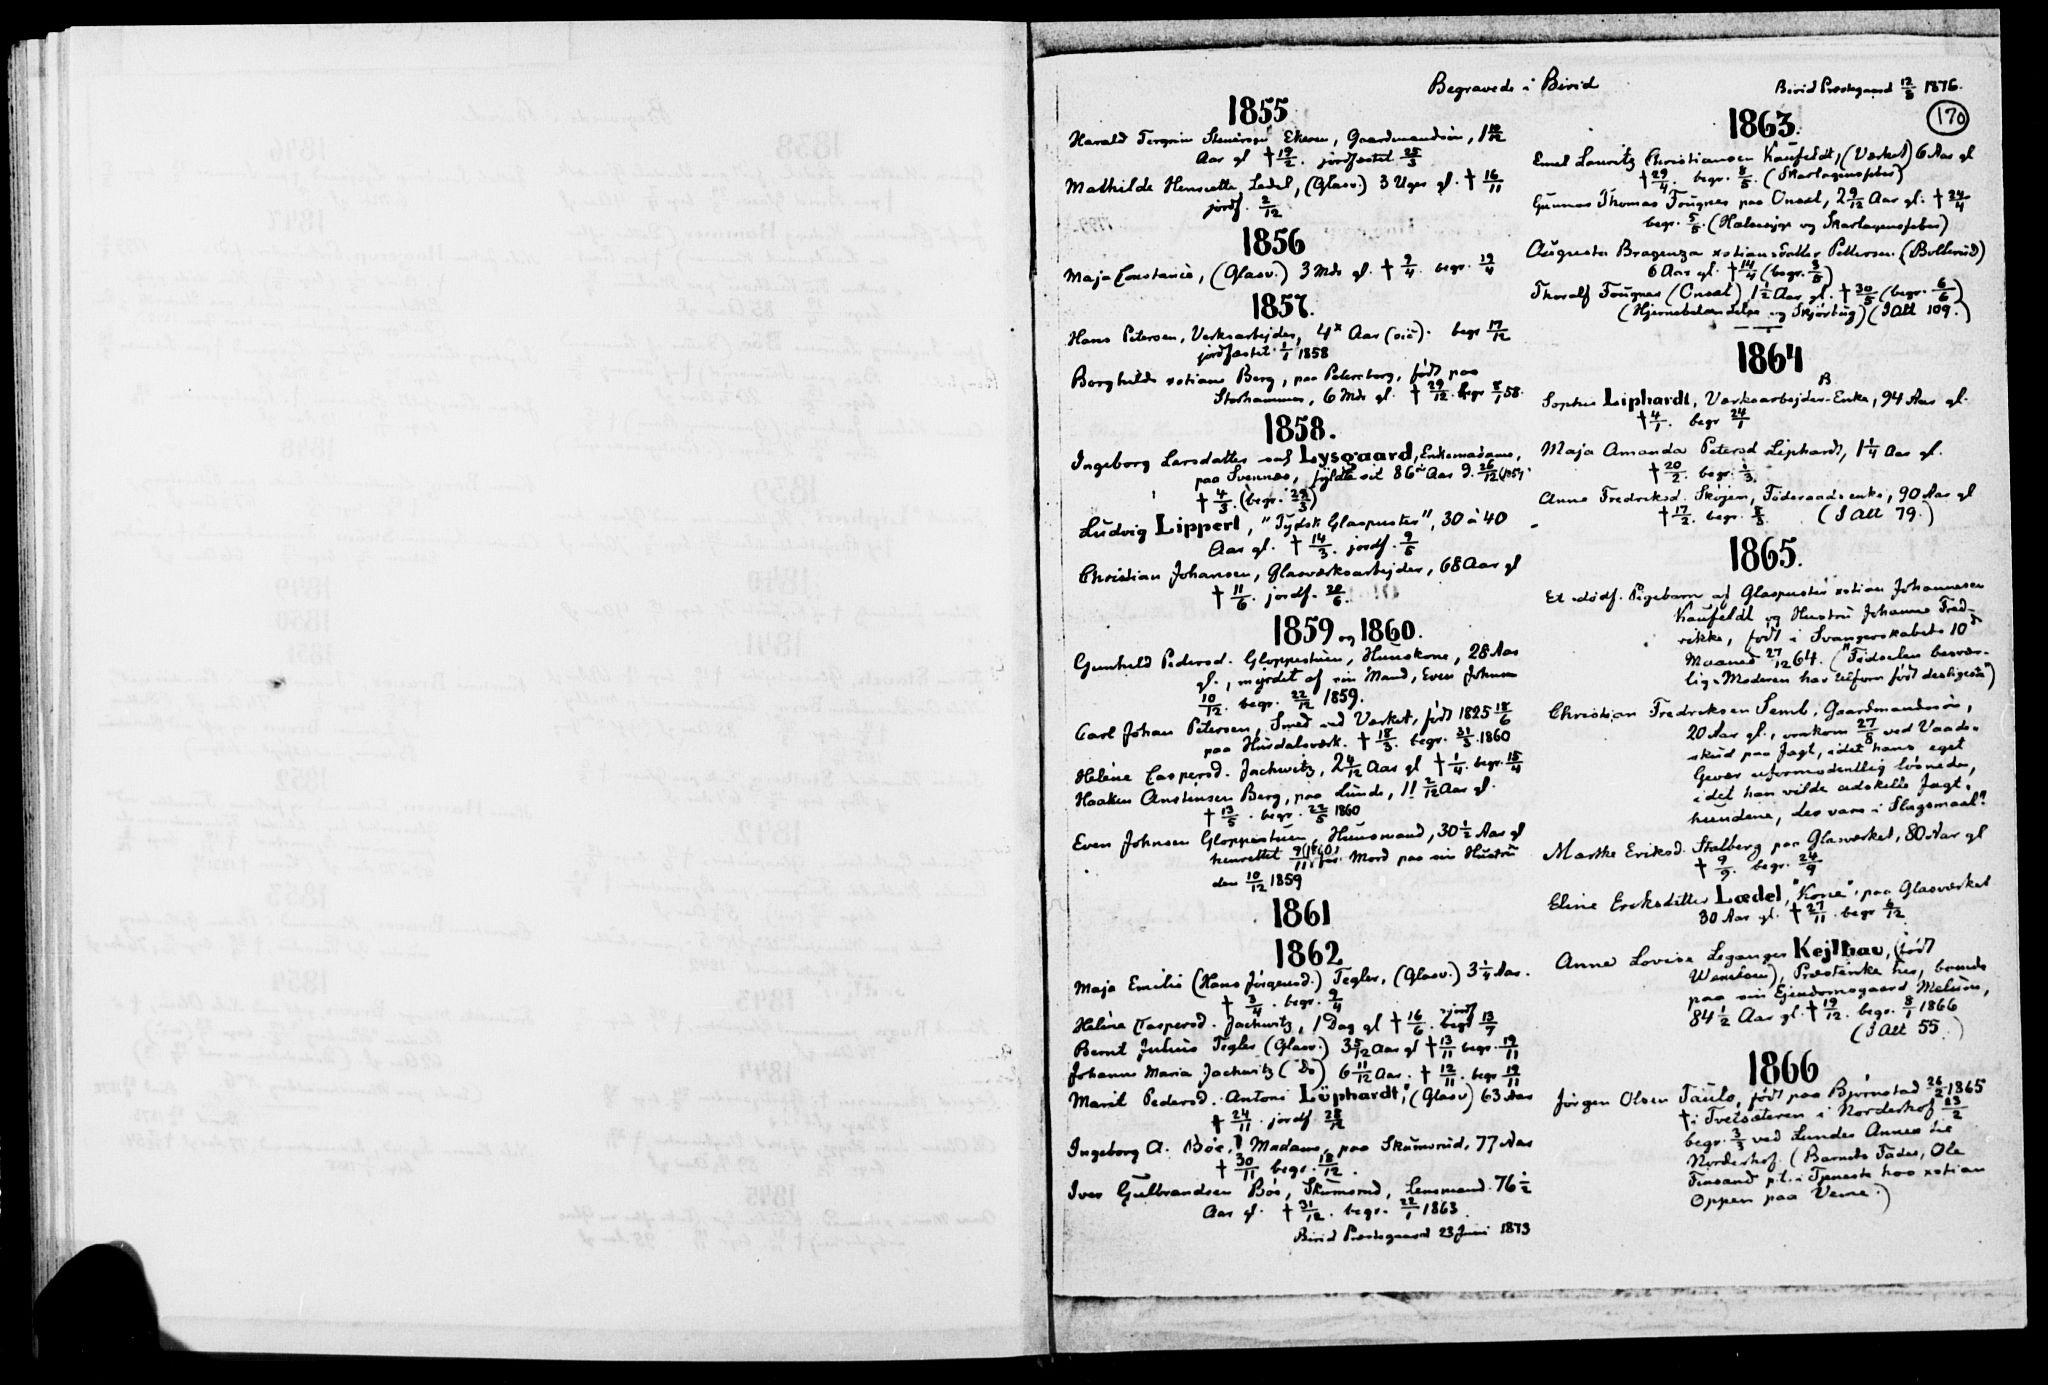 SAH, Biri prestekontor, Ministerialbok, 1730-1879, s. 170